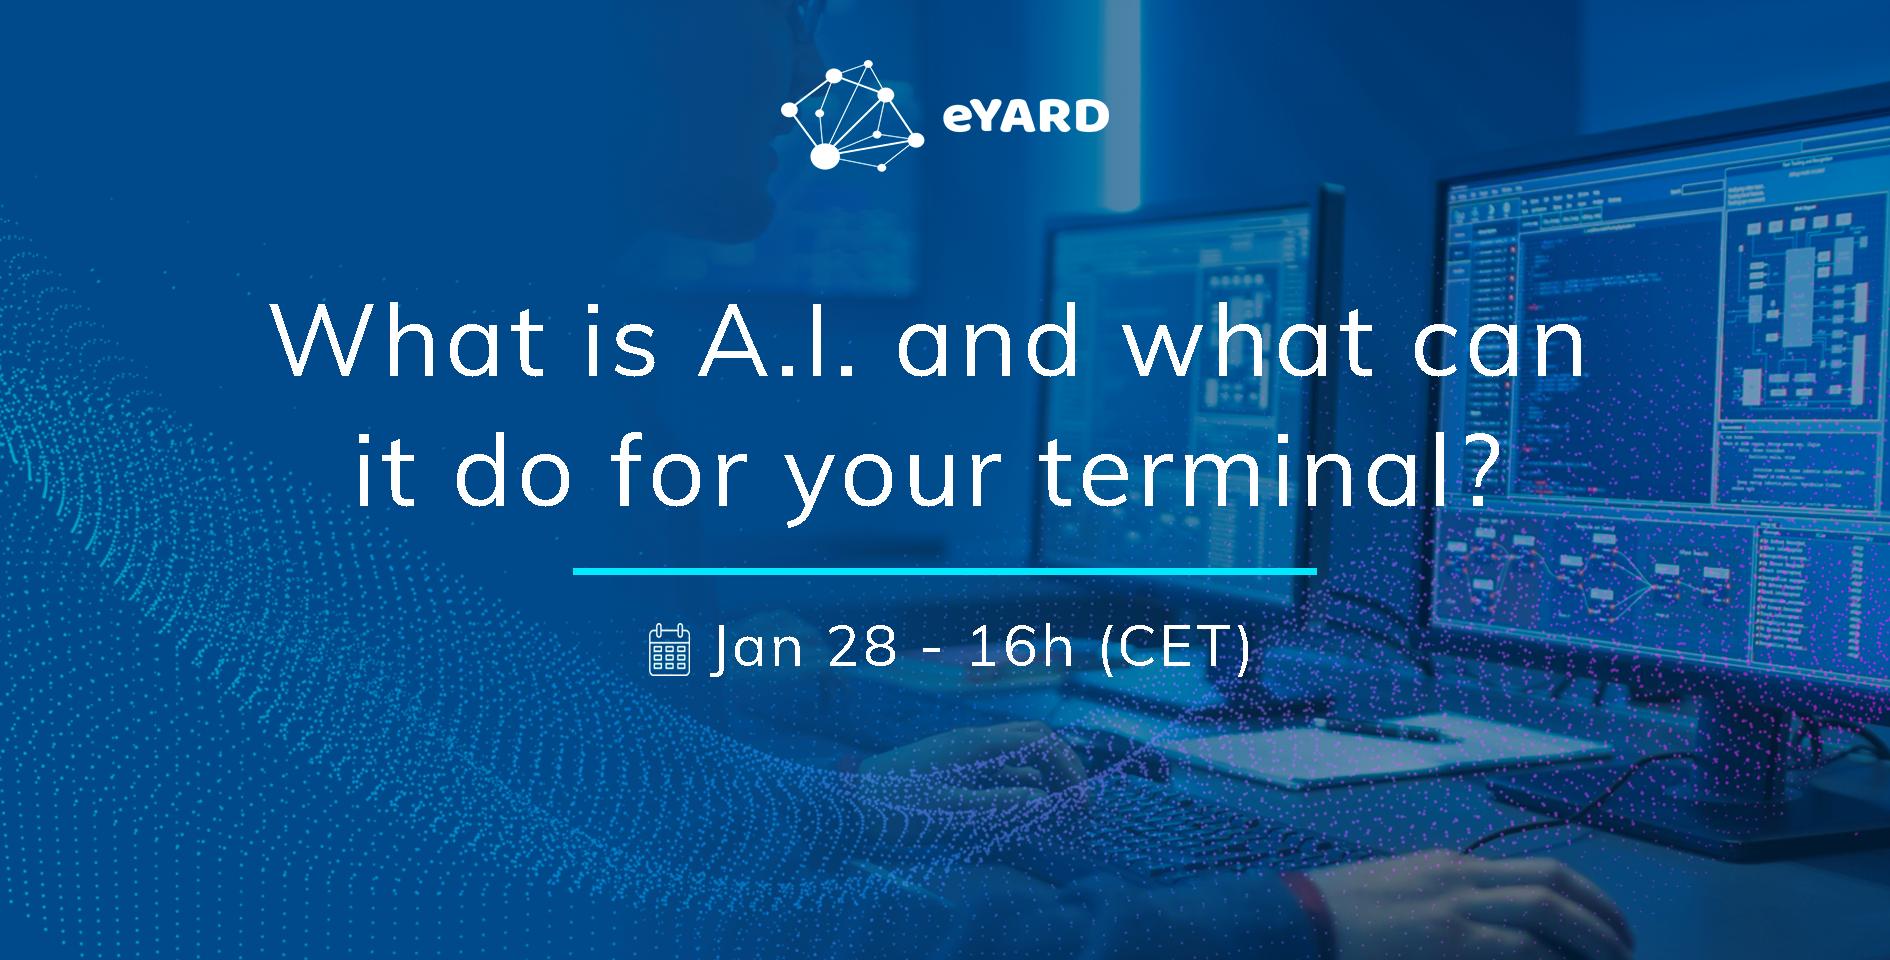 ¿Qué es I.A y que puede hacer por tu terminal?